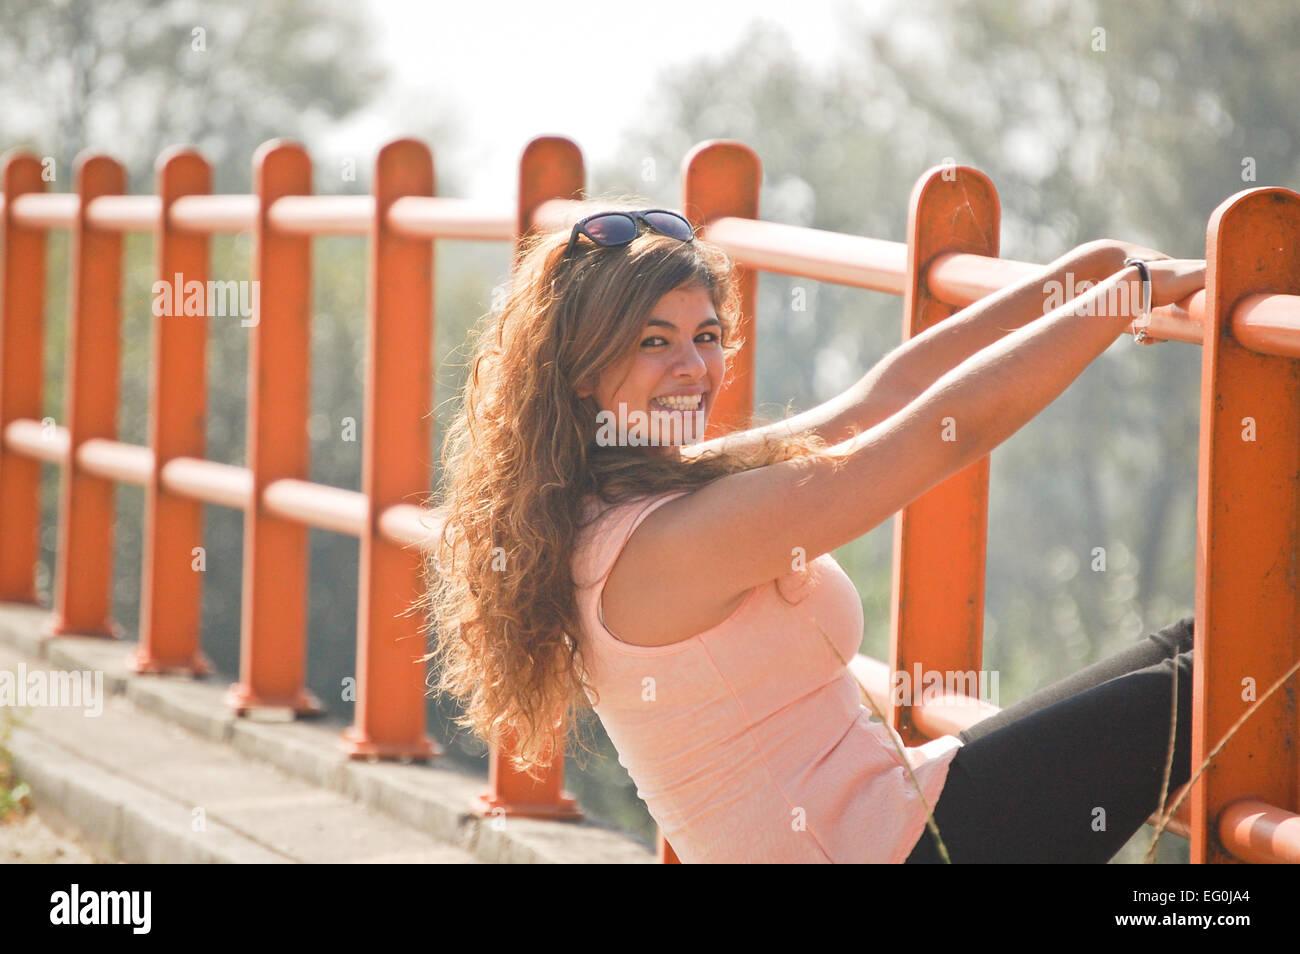 Langhaarige Frau stützte sich auf orange Barriere und lächelnd zu Kamera Stockbild